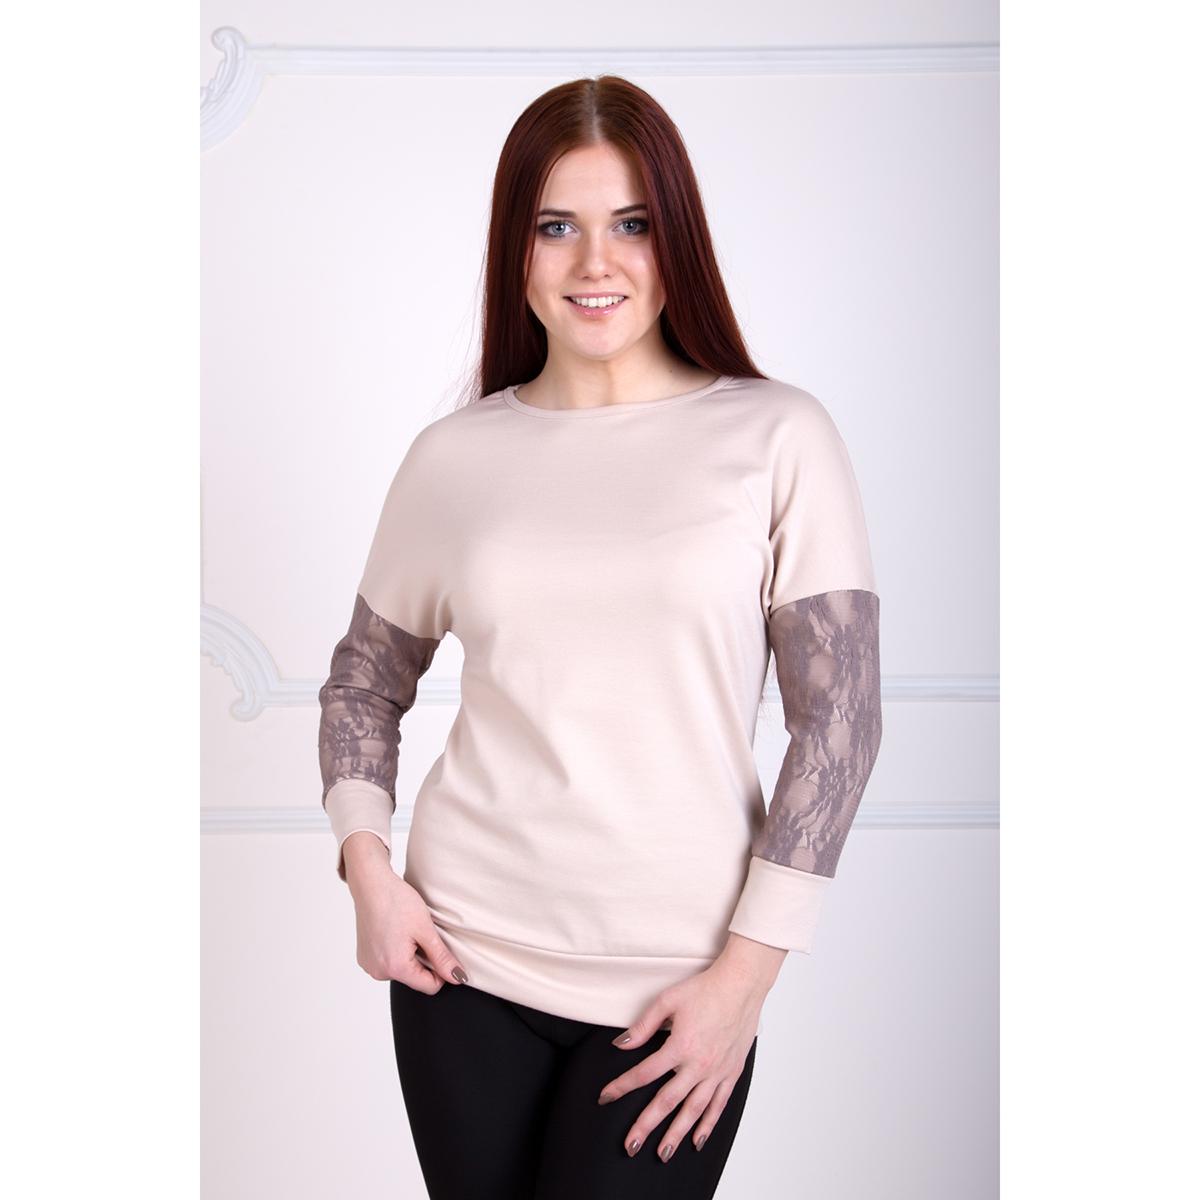 Женская блуза Лиана, размер 58Блузы<br>Обхват груди:116 см<br>Обхват талии:97 см<br>Обхват бедер:124 см<br>Рост:167 см<br><br>Тип: Жен. блуза<br>Размер: 58<br>Материал: Милано